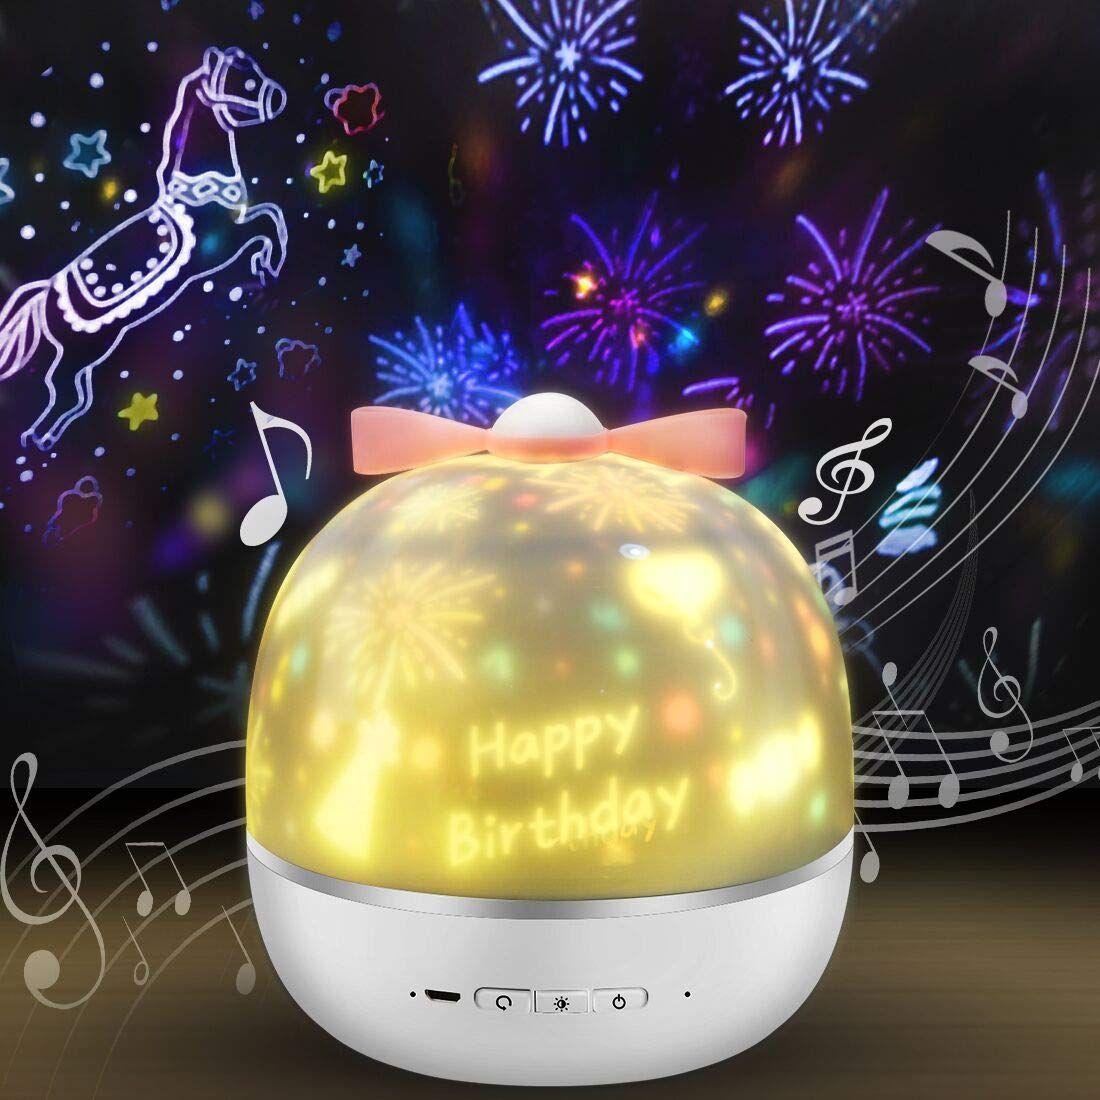 Led Sternenhimmel Projektor Sternenhimmel Led Musik Nachtlicht Baby Sterne Lampe Mit 6 Projektionsfilmen In 2020 Sternenhimmel Led Sternenhimmel Projektor Kinder Party